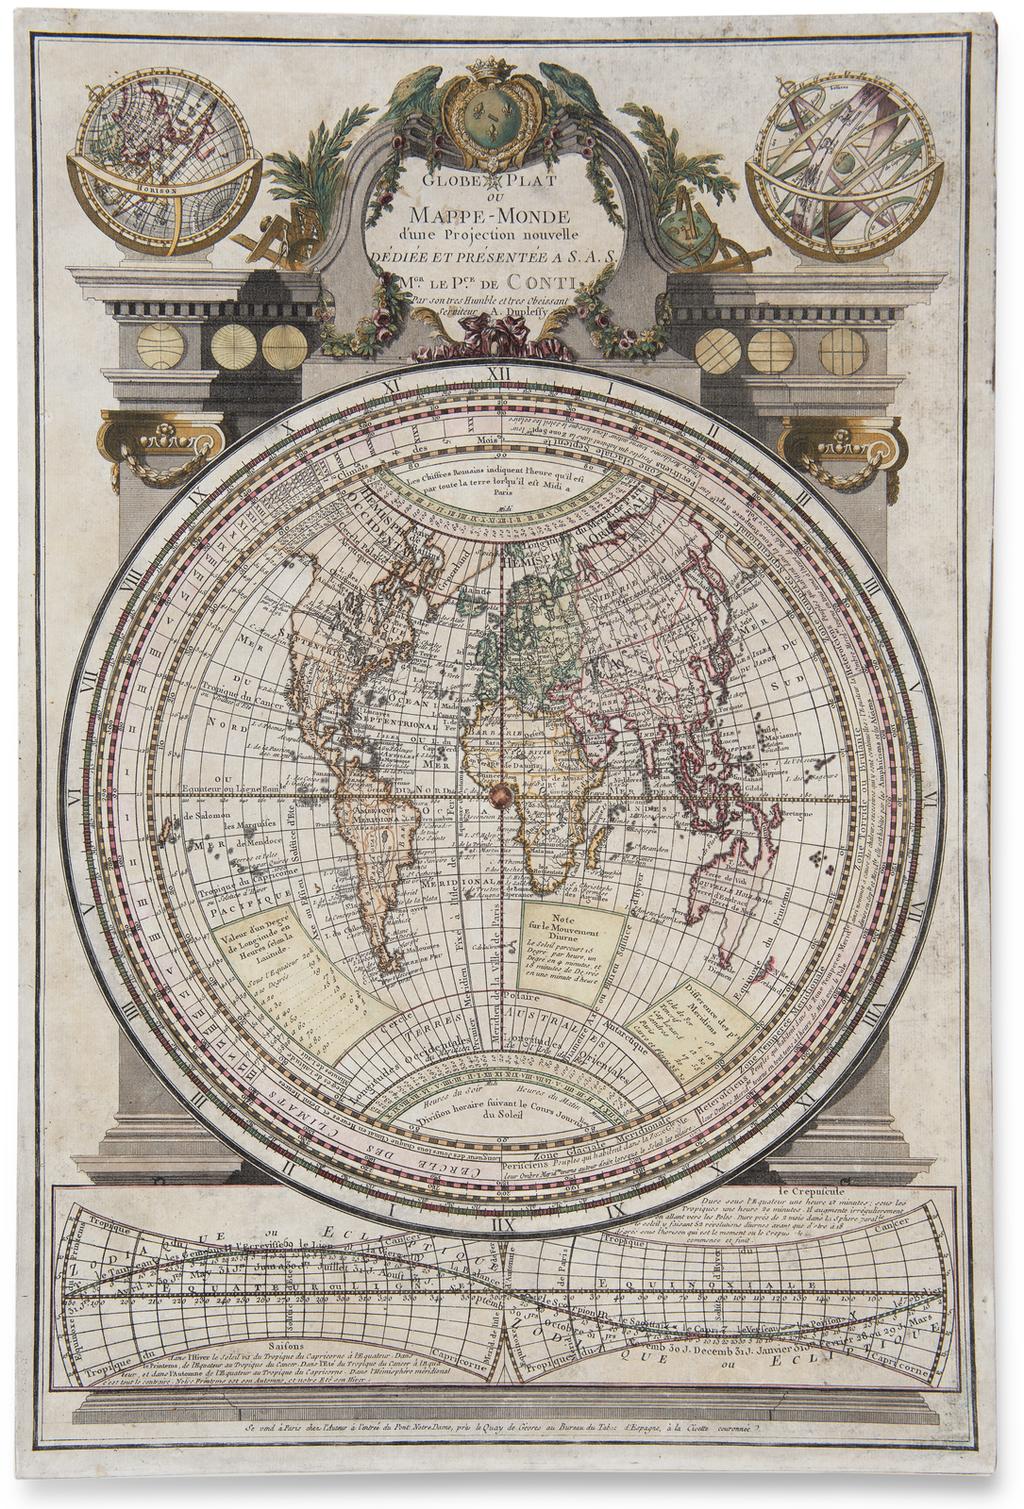 Globe Plat ou Mappe-Monde d'une Projection nouvelle Dediee et Presentee a S.A.S. Le Pce. de Conte. By A. Duplessis